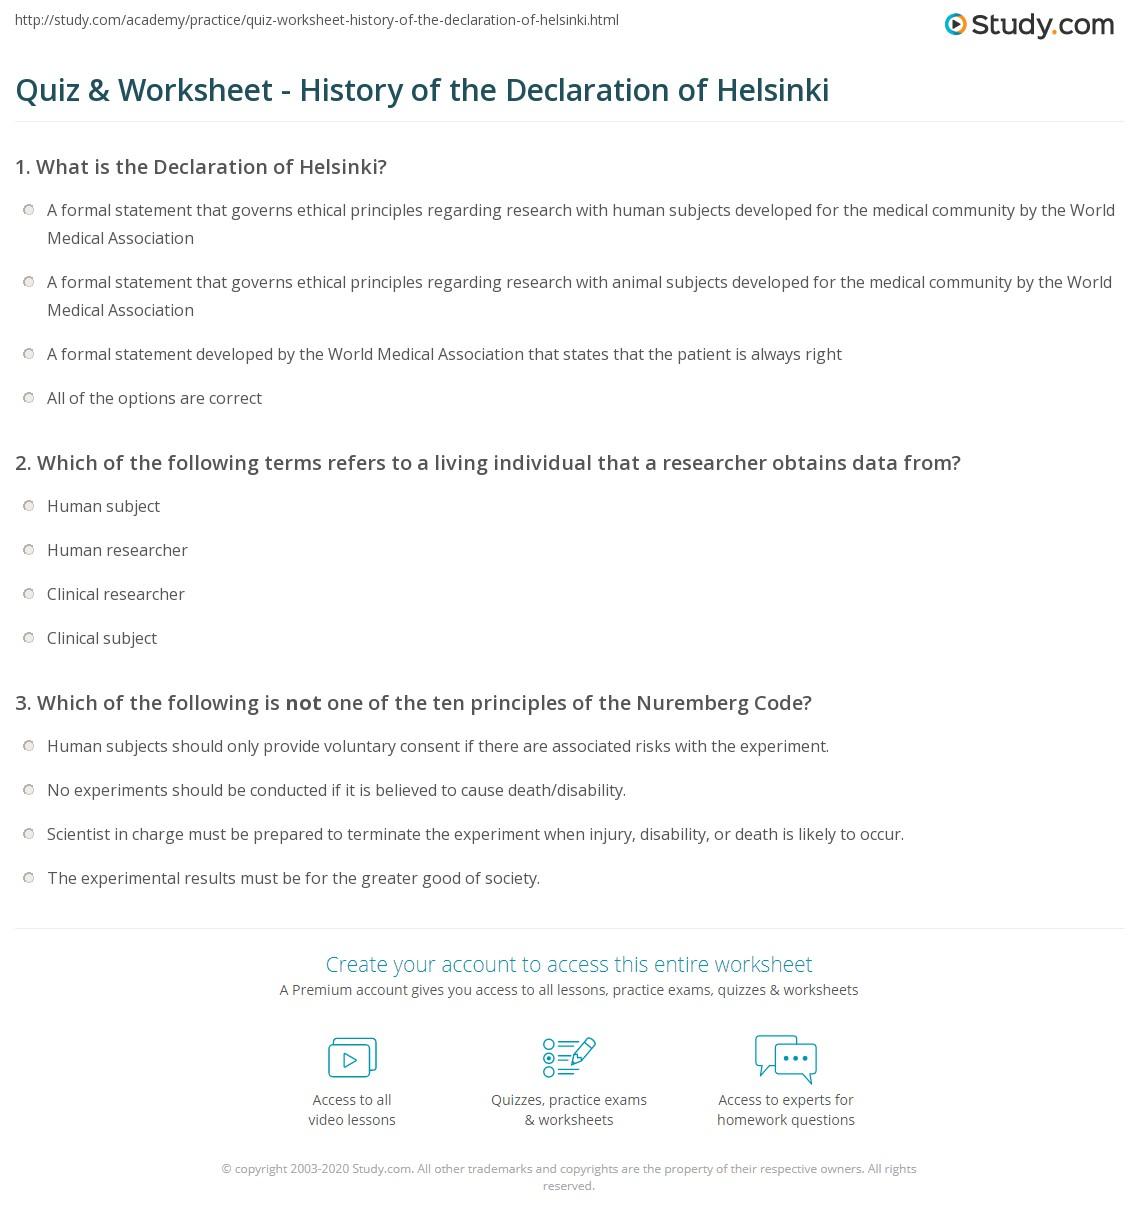 quiz worksheet history of the declaration of helsinki. Black Bedroom Furniture Sets. Home Design Ideas